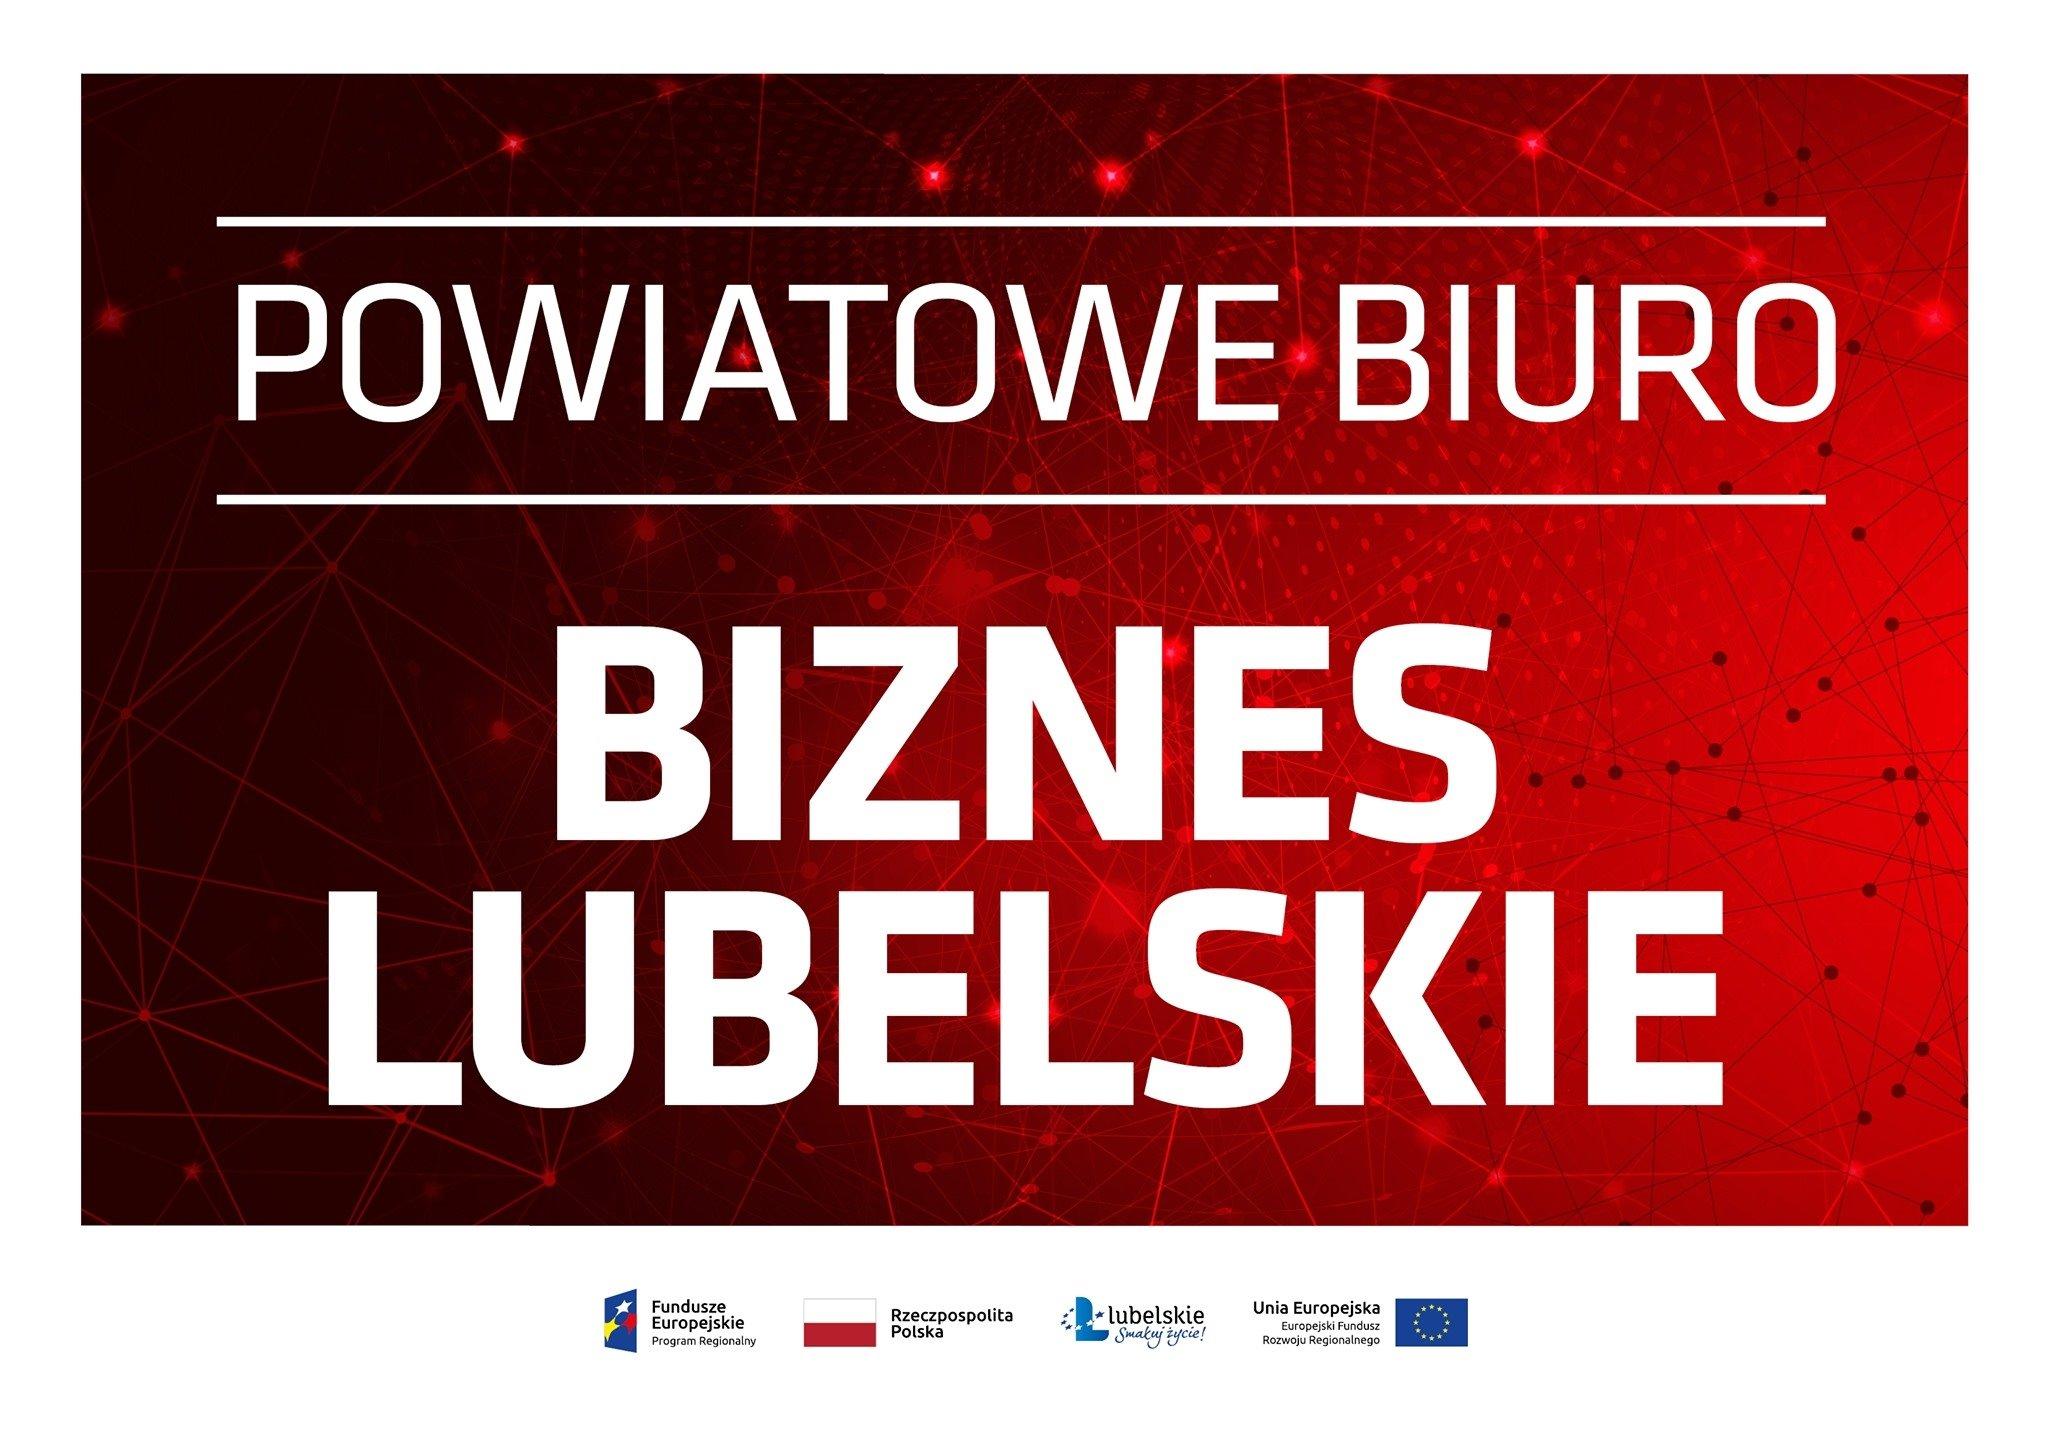 Pożyczki unijne dla małych i średnich przedsiębiorstw.